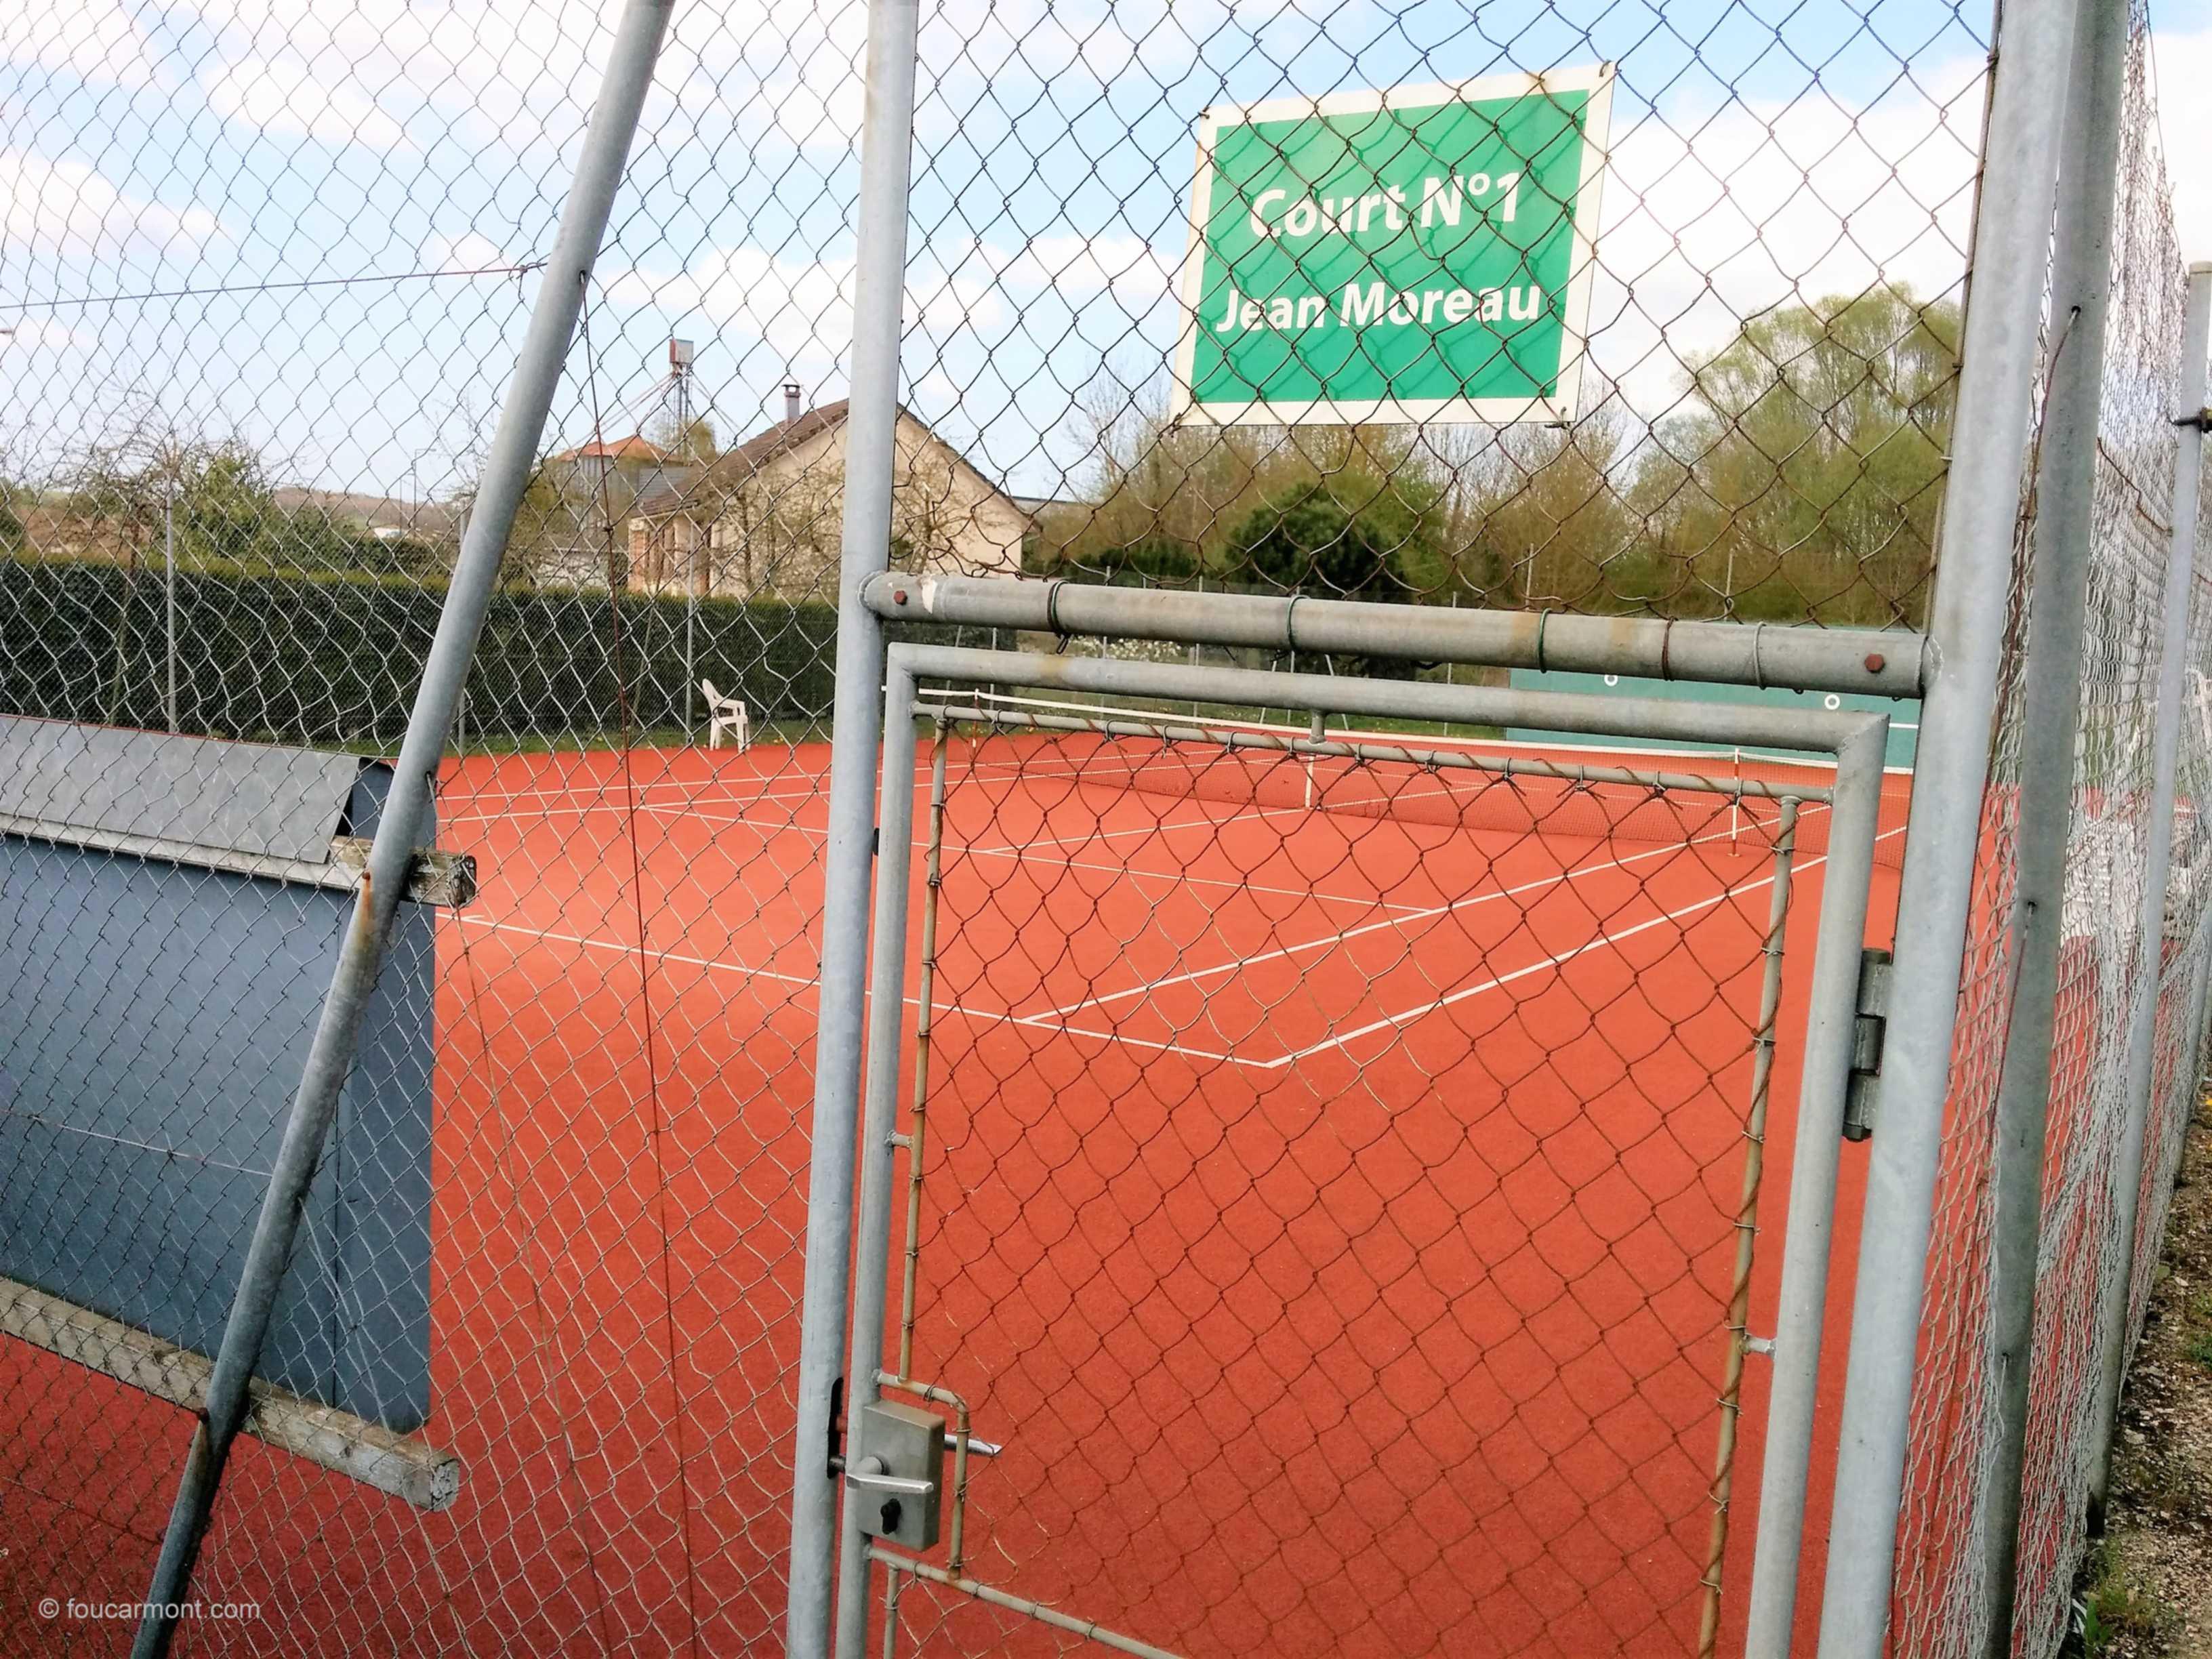 Court Jean Moreau